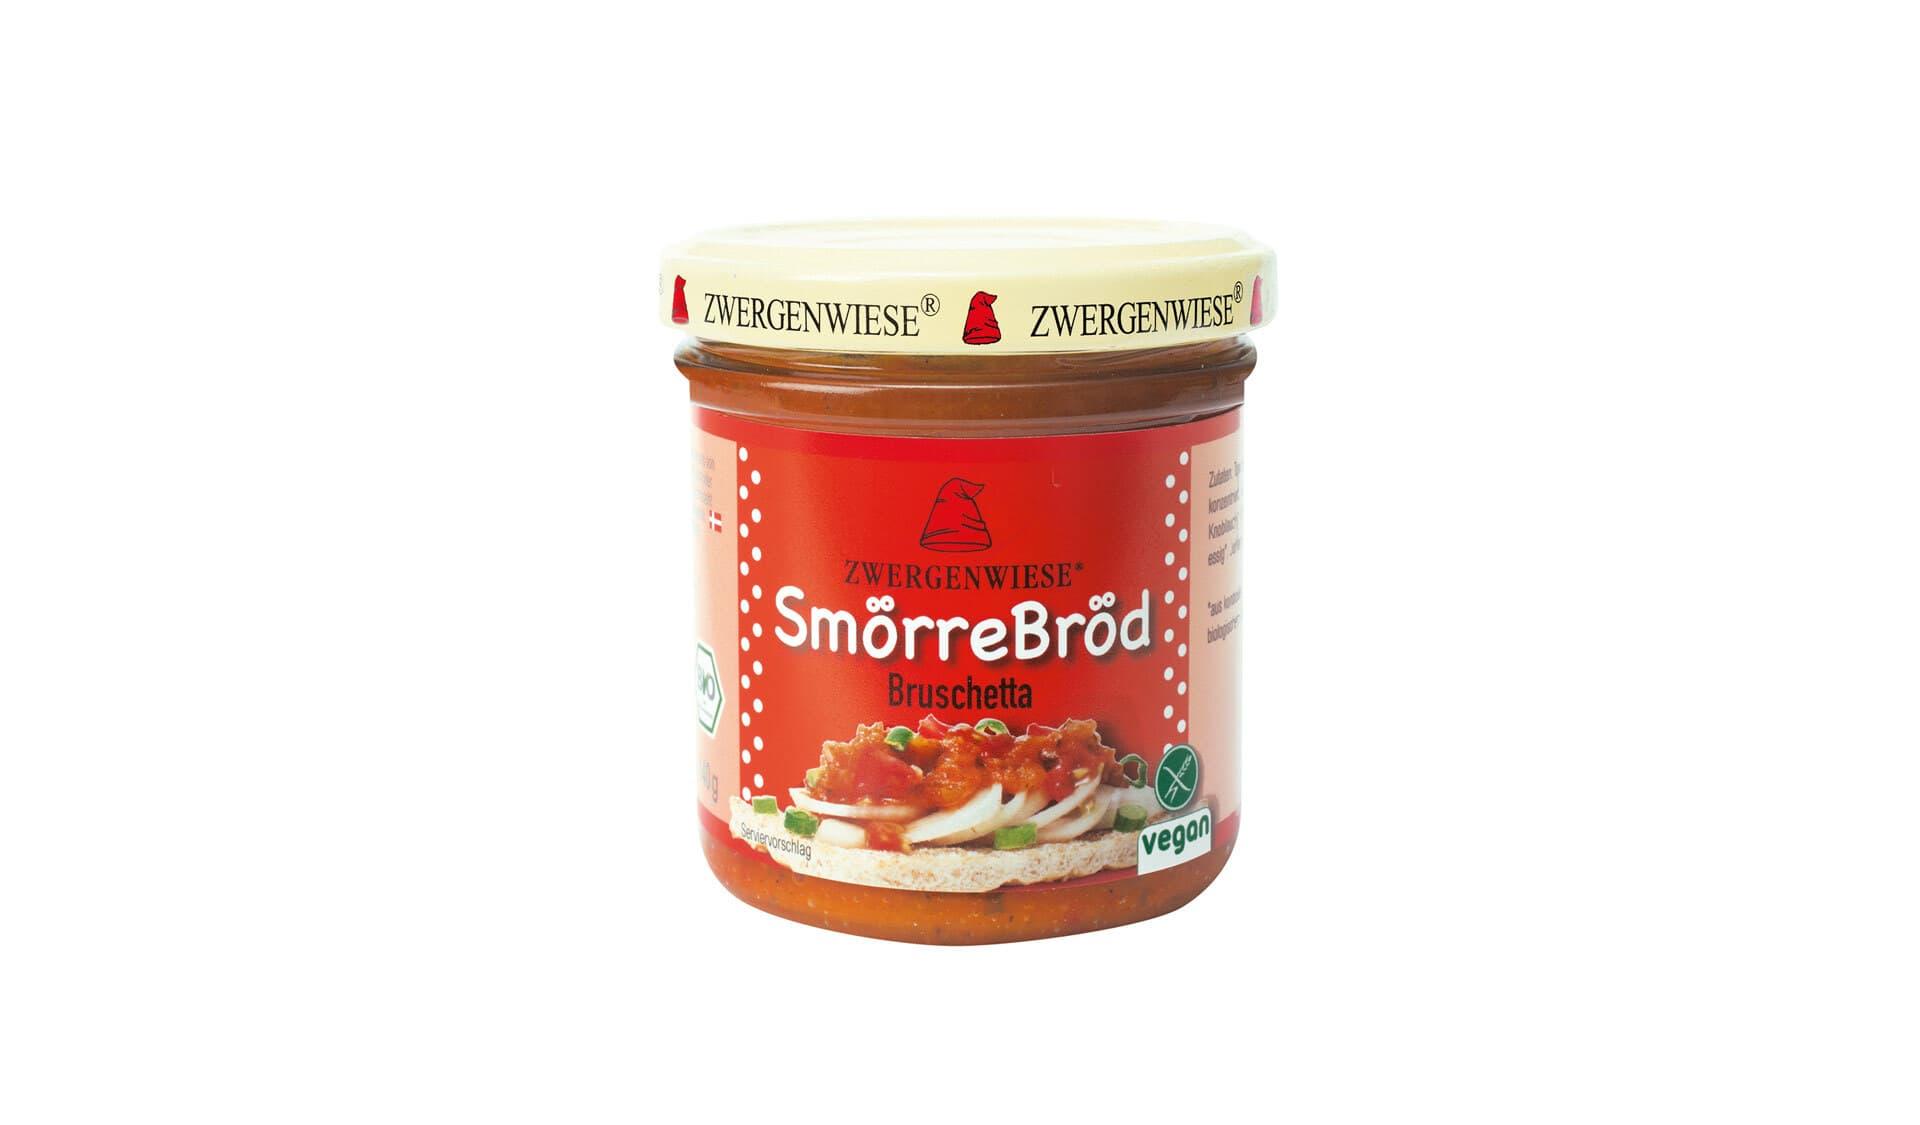 Zwergenwiese: SmörreBröd Bruschetta